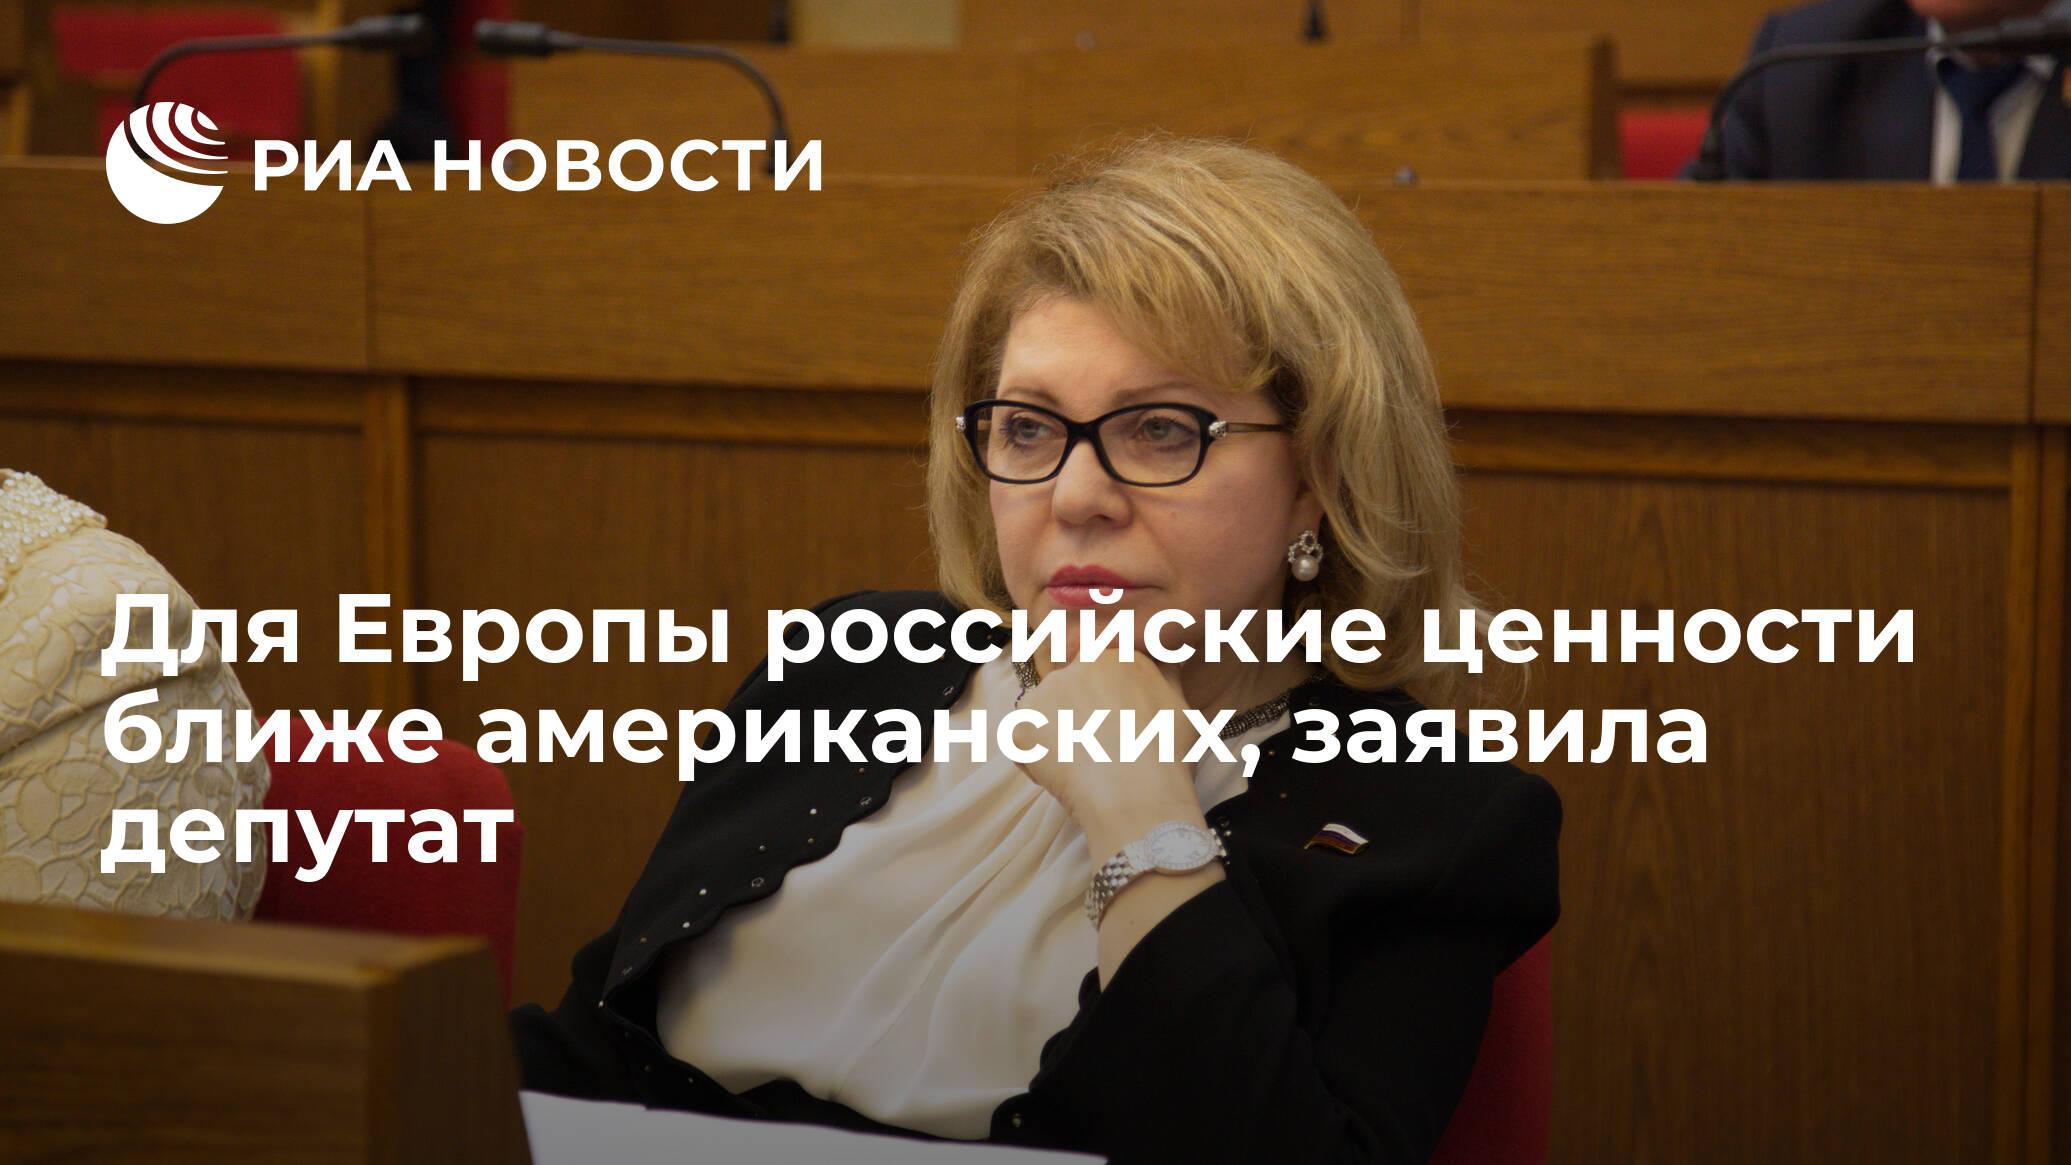 Для Европы российские ценности ближе американских, заявила депутат